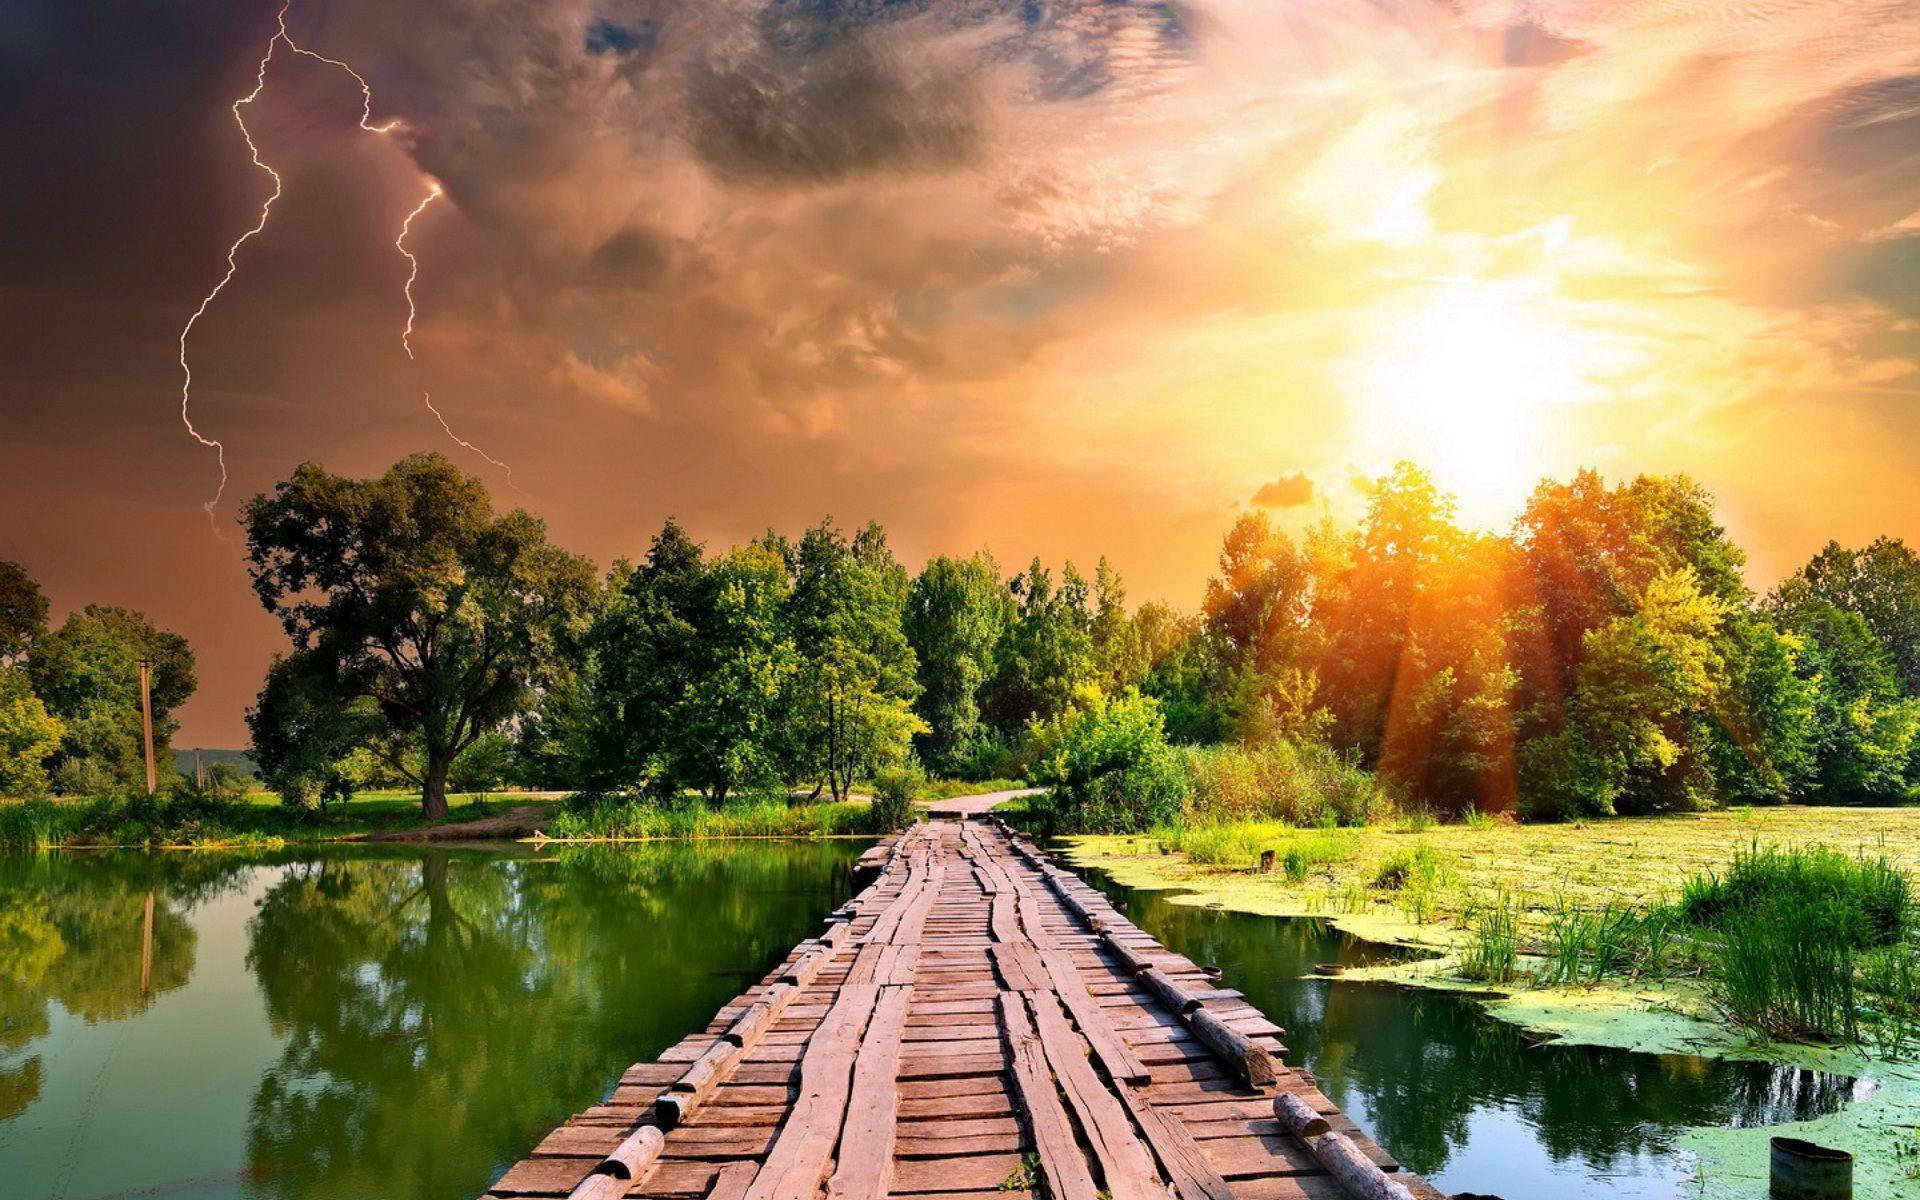 Hình nền 1920x1200 Chào buổi sáng thiên nhiên đẹp và ánh nắng mặt trời đá HD trên hình ảnh